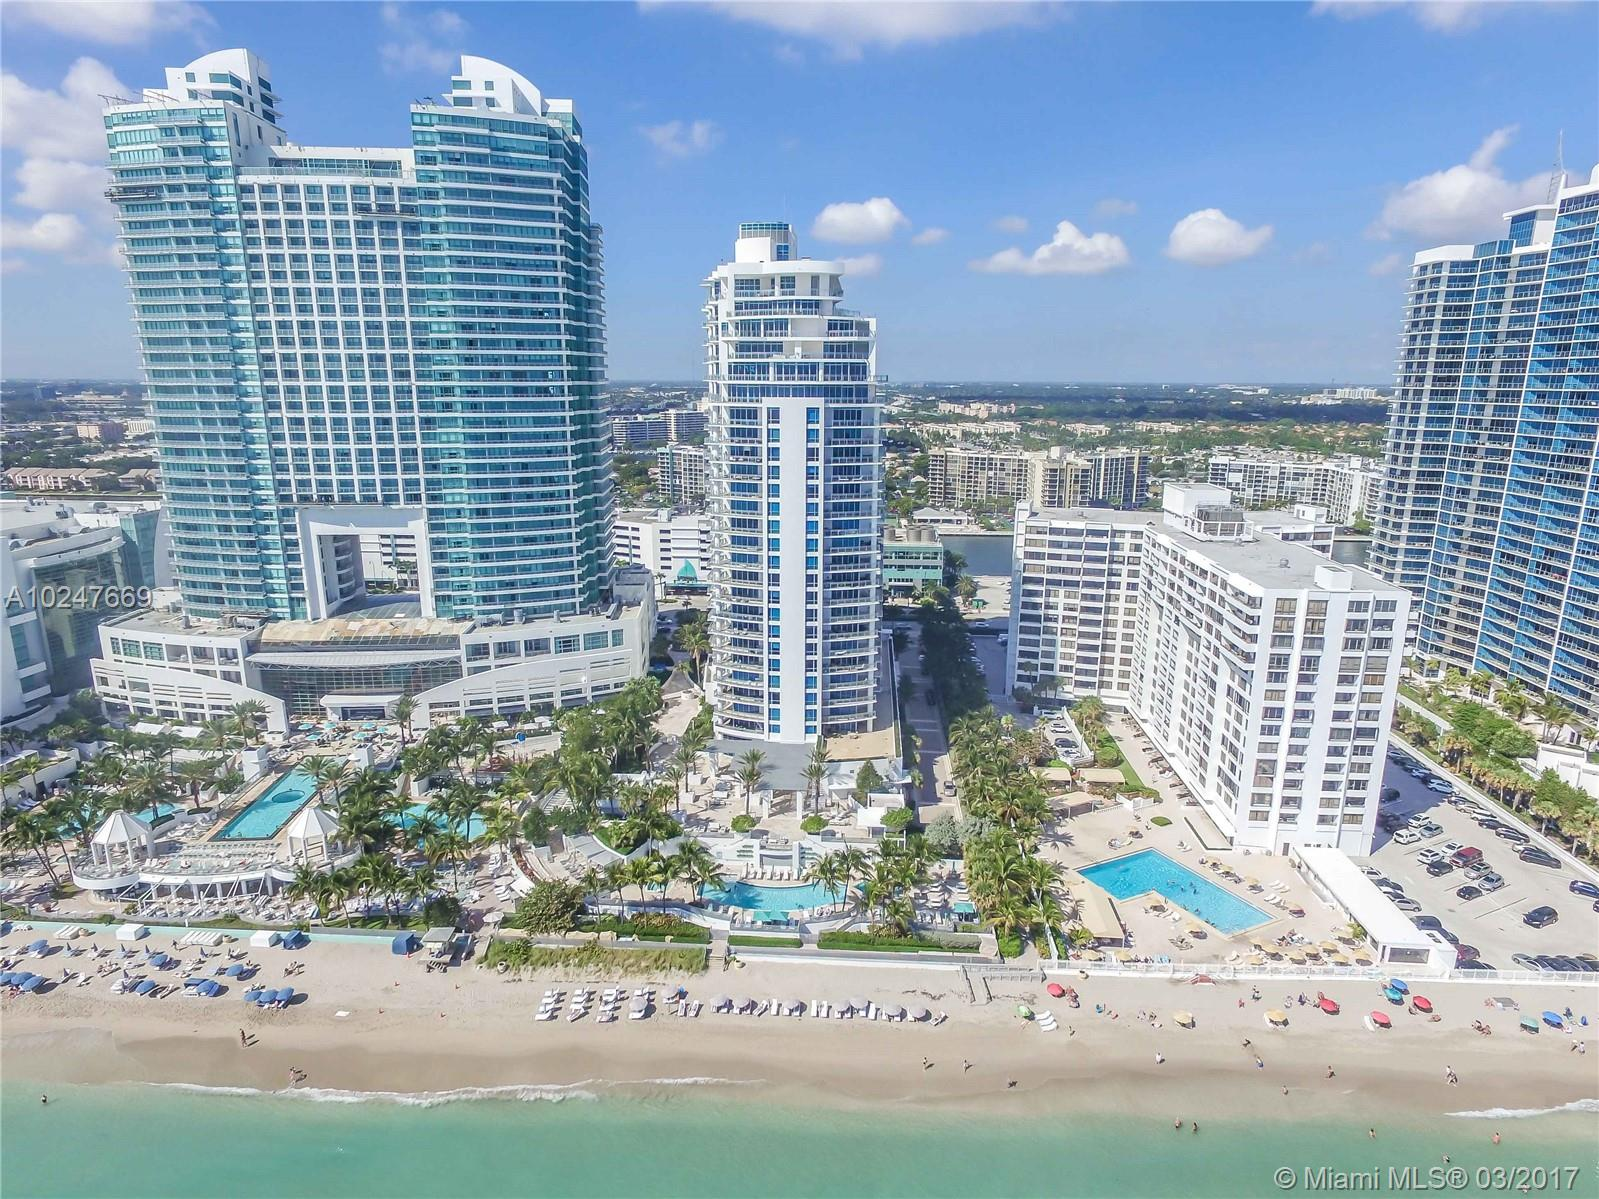 miami beach fl immobilien 6889 amerika g nstige h user kaufen villen h user appartements. Black Bedroom Furniture Sets. Home Design Ideas